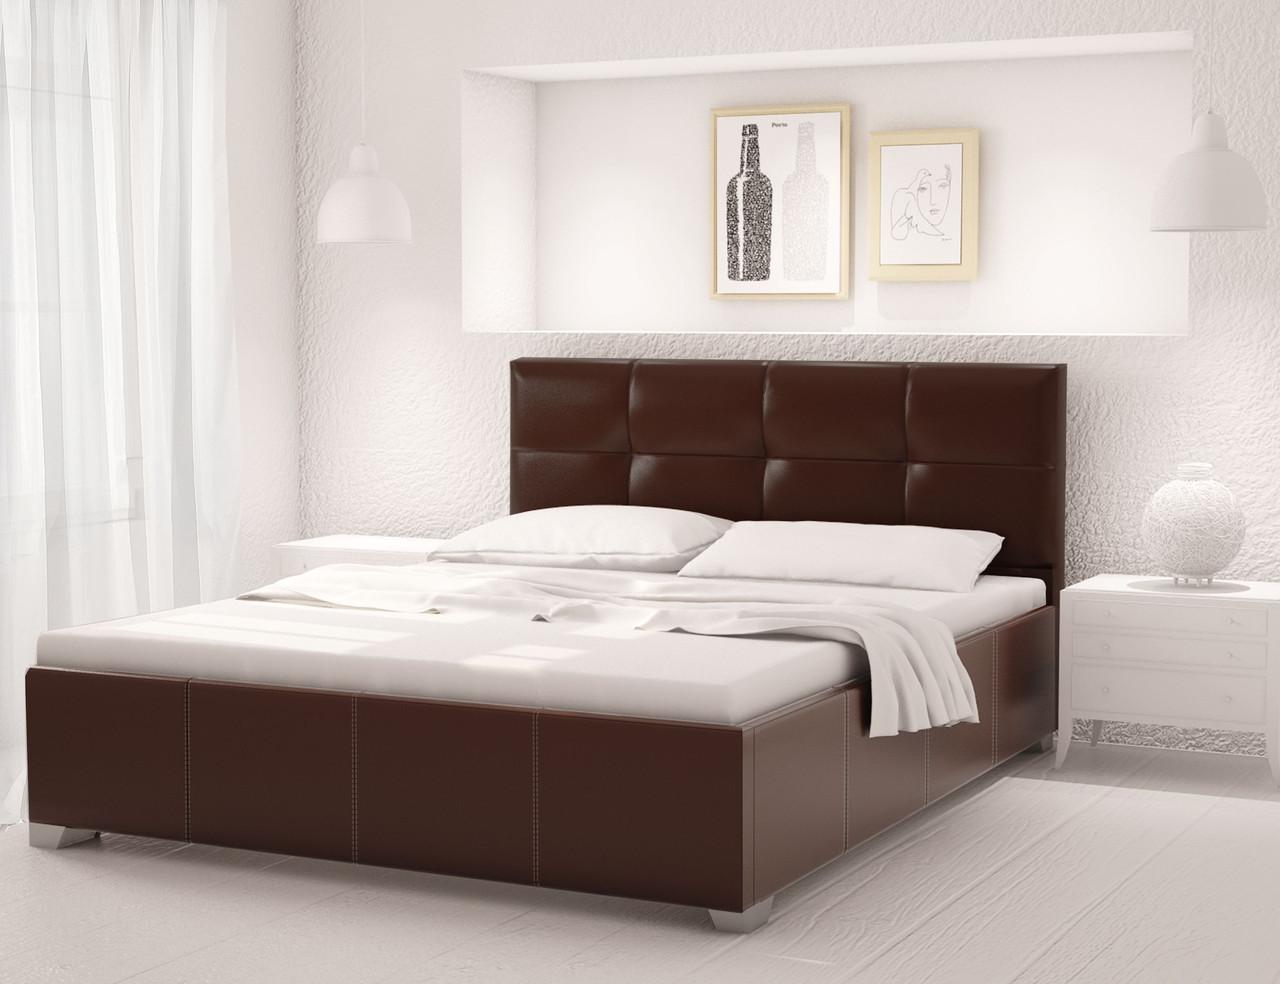 Кровать Лорд с подъемным механизмом